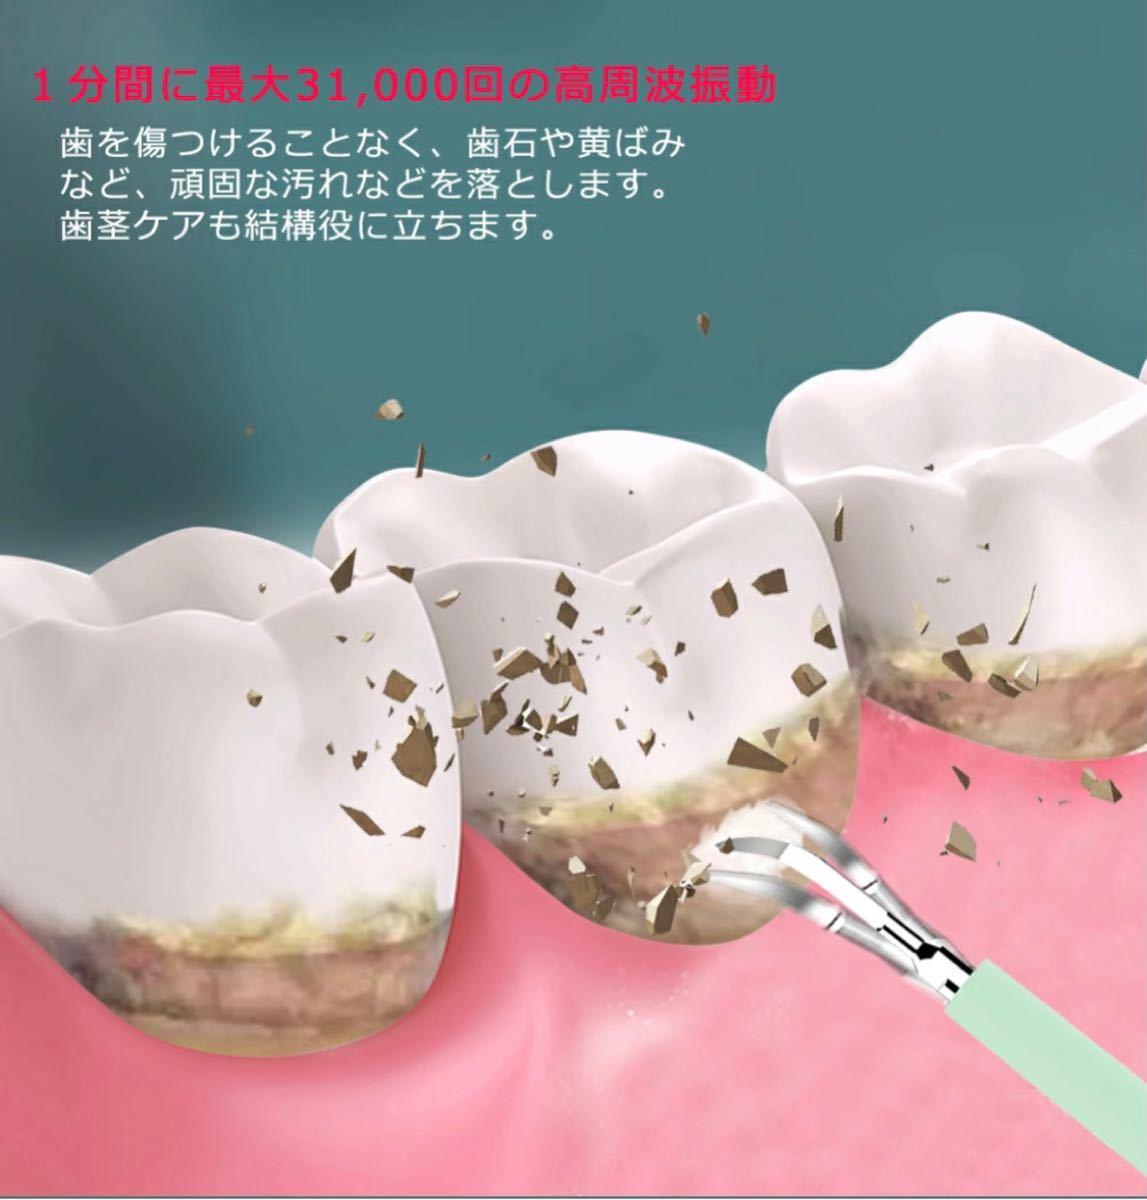 【5/21限定お値下げ】電動歯ブラシ 歯石取り 充電式 口腔ケア 音波振動歯ブラシ